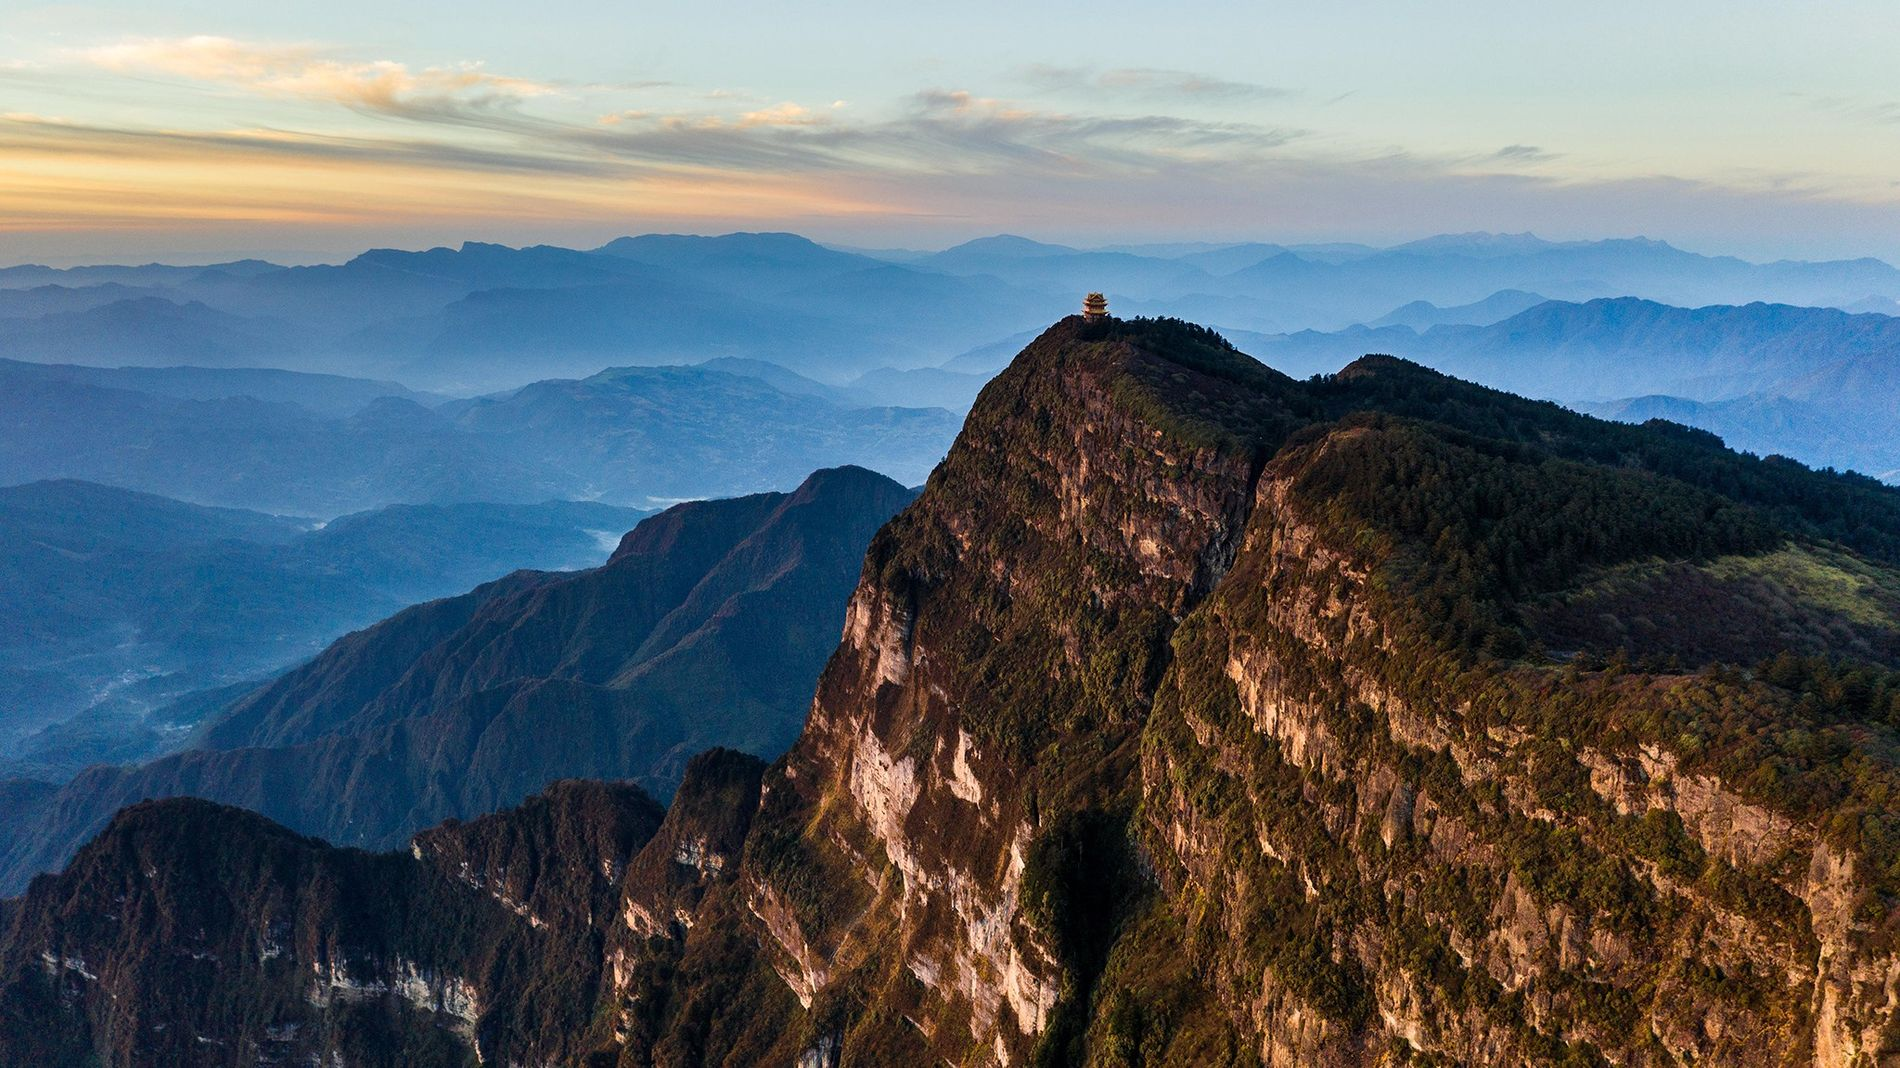 Um templo sobre o Monte Emei, na província de Sichuan, China. A paisagem ao redor possui ...